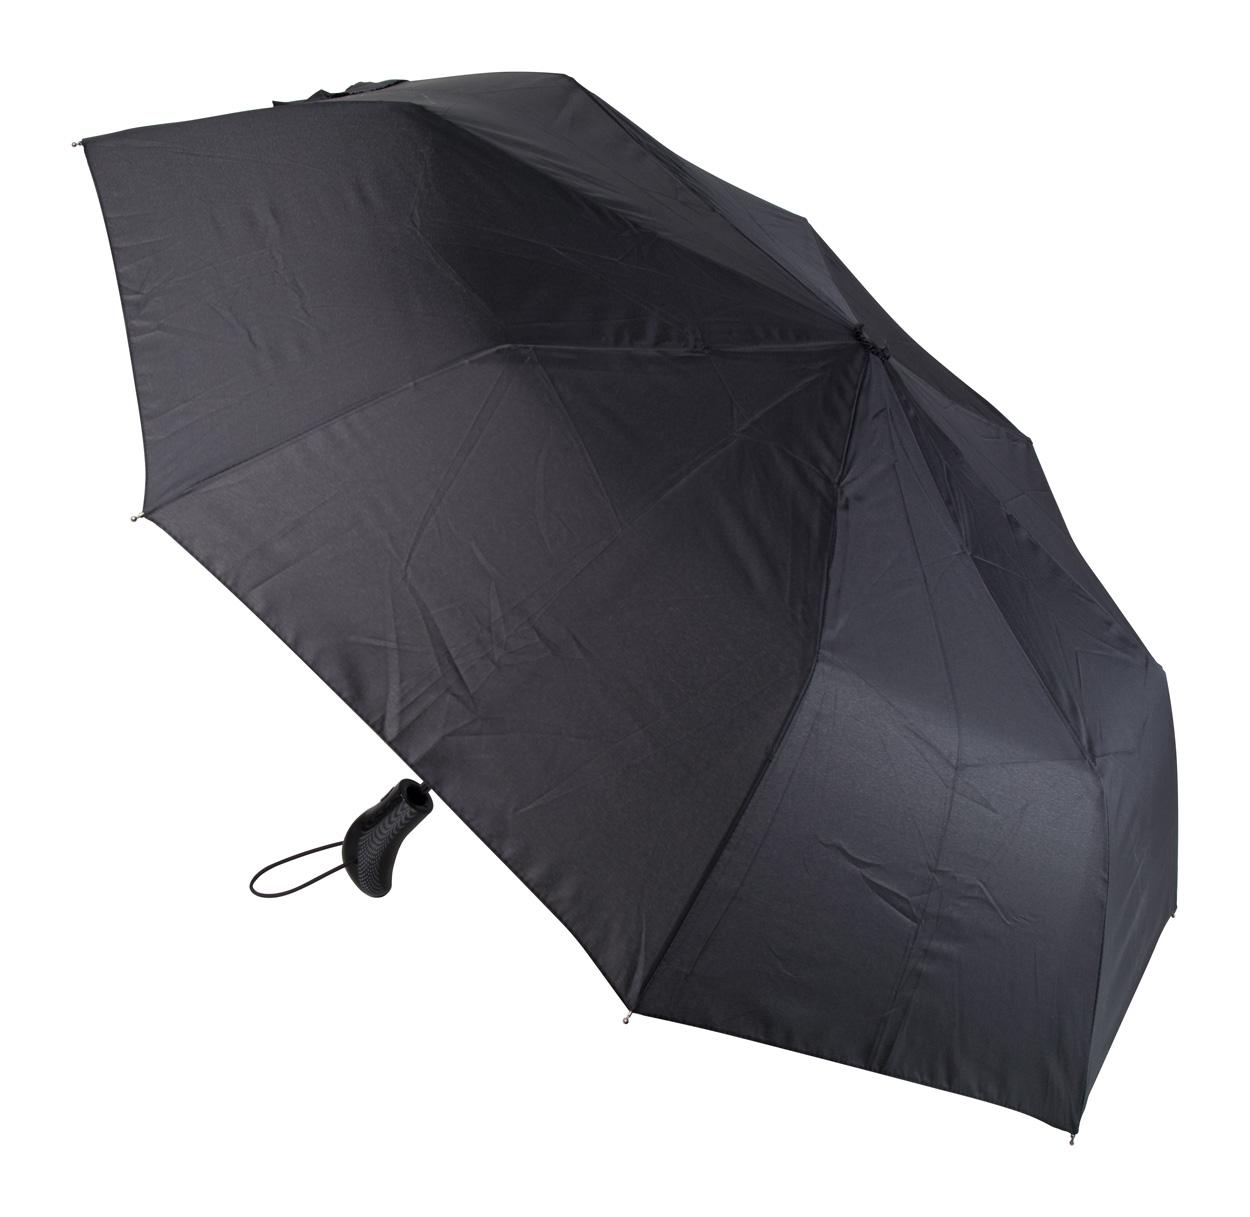 Orage ombrello